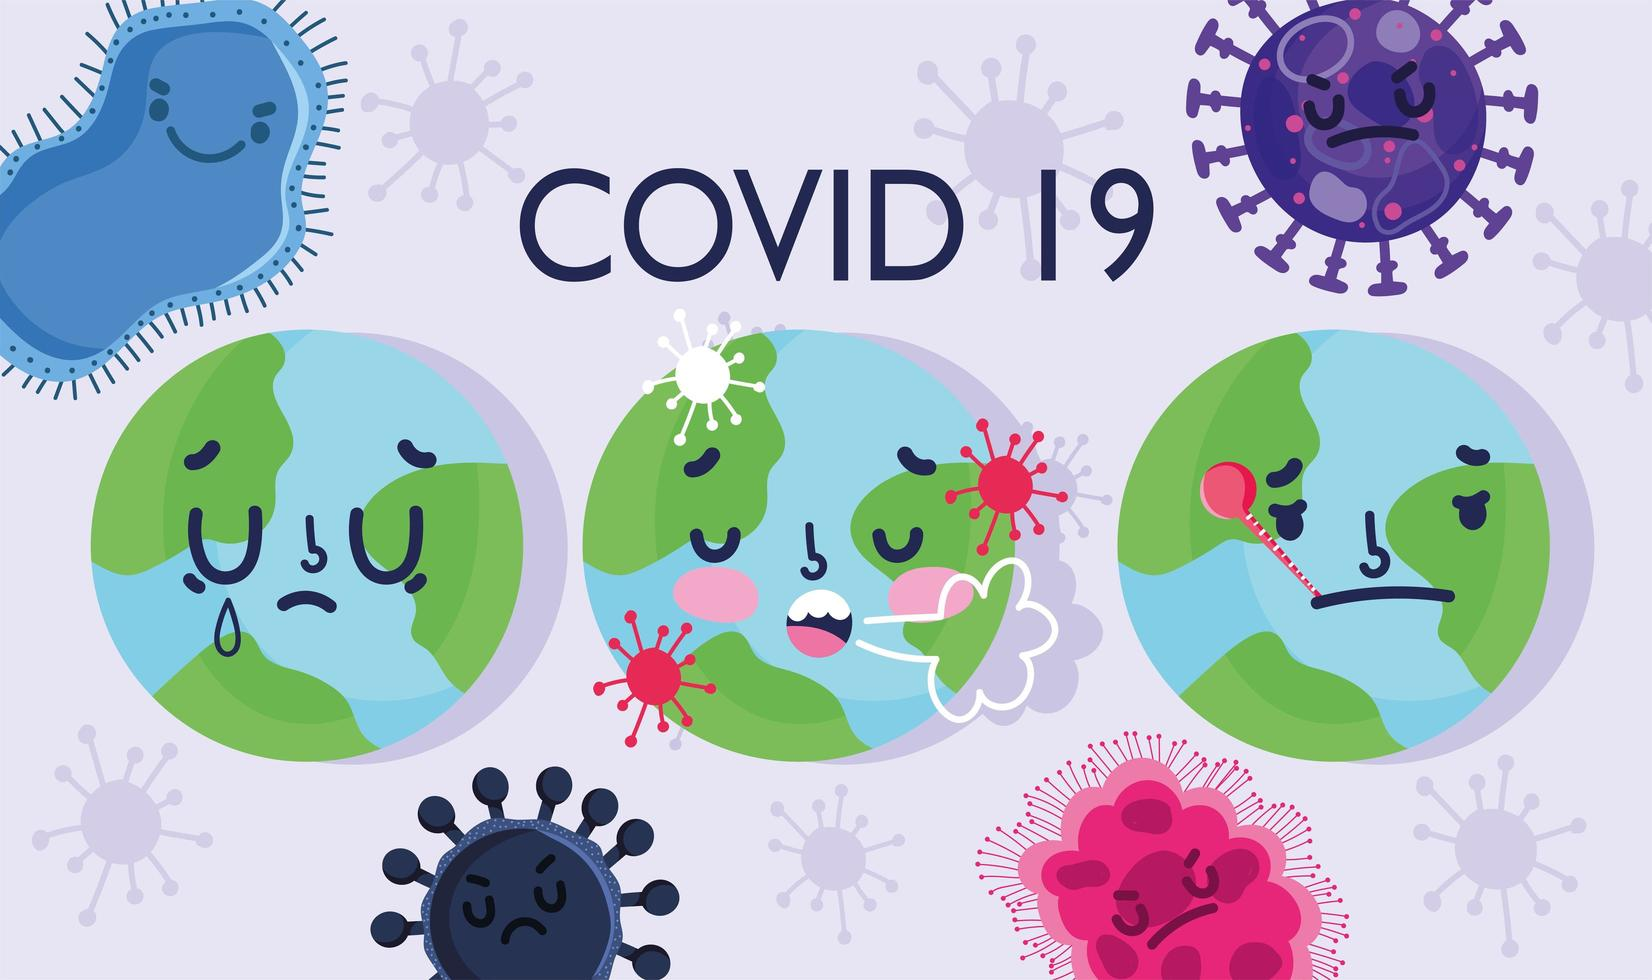 conception d'affiche de pandémie de virus covid 19 avec des mondes vecteur